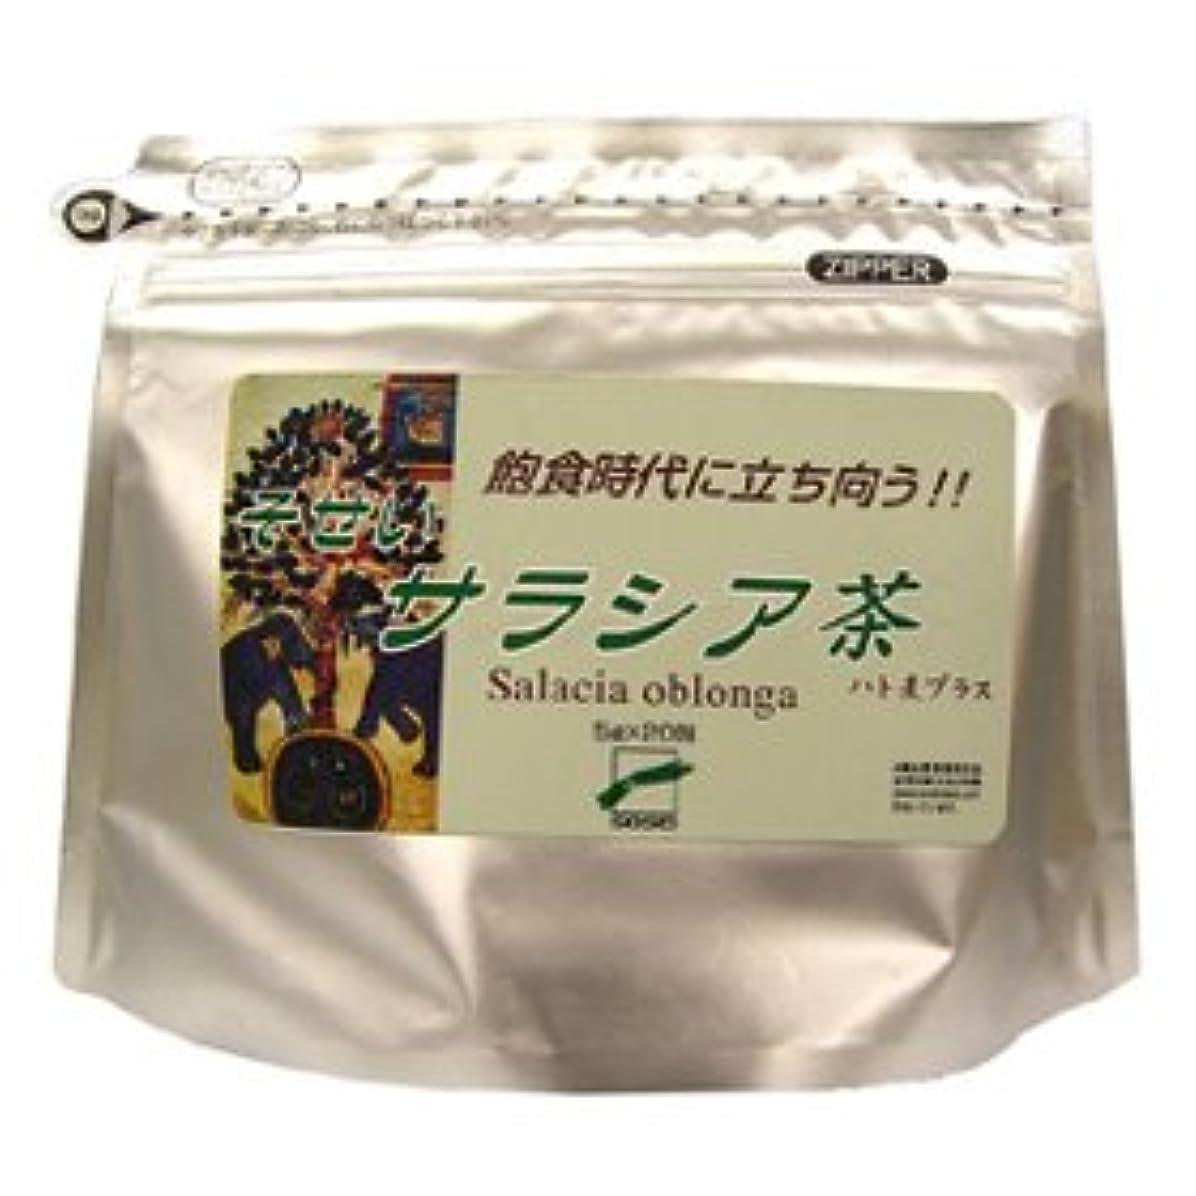 評価罪人実験室そせい サラシア茶 1袋